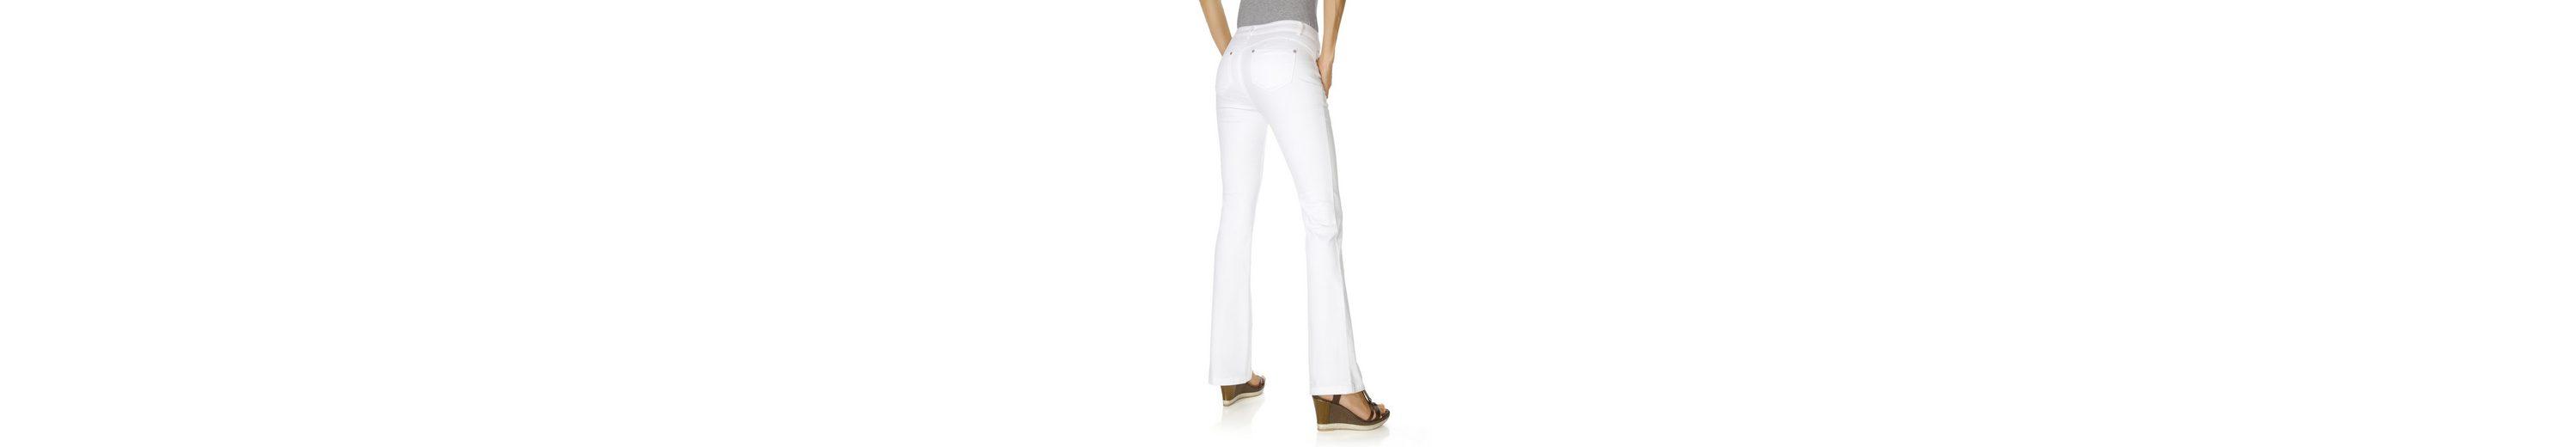 ASHLEY BROOKE by Heine Bodyform-Bootcut-Jeans mit Bauch-weg-Funktion Verkauf Fabrikverkauf Verkauf Footlocker Qf6VgrNLZ